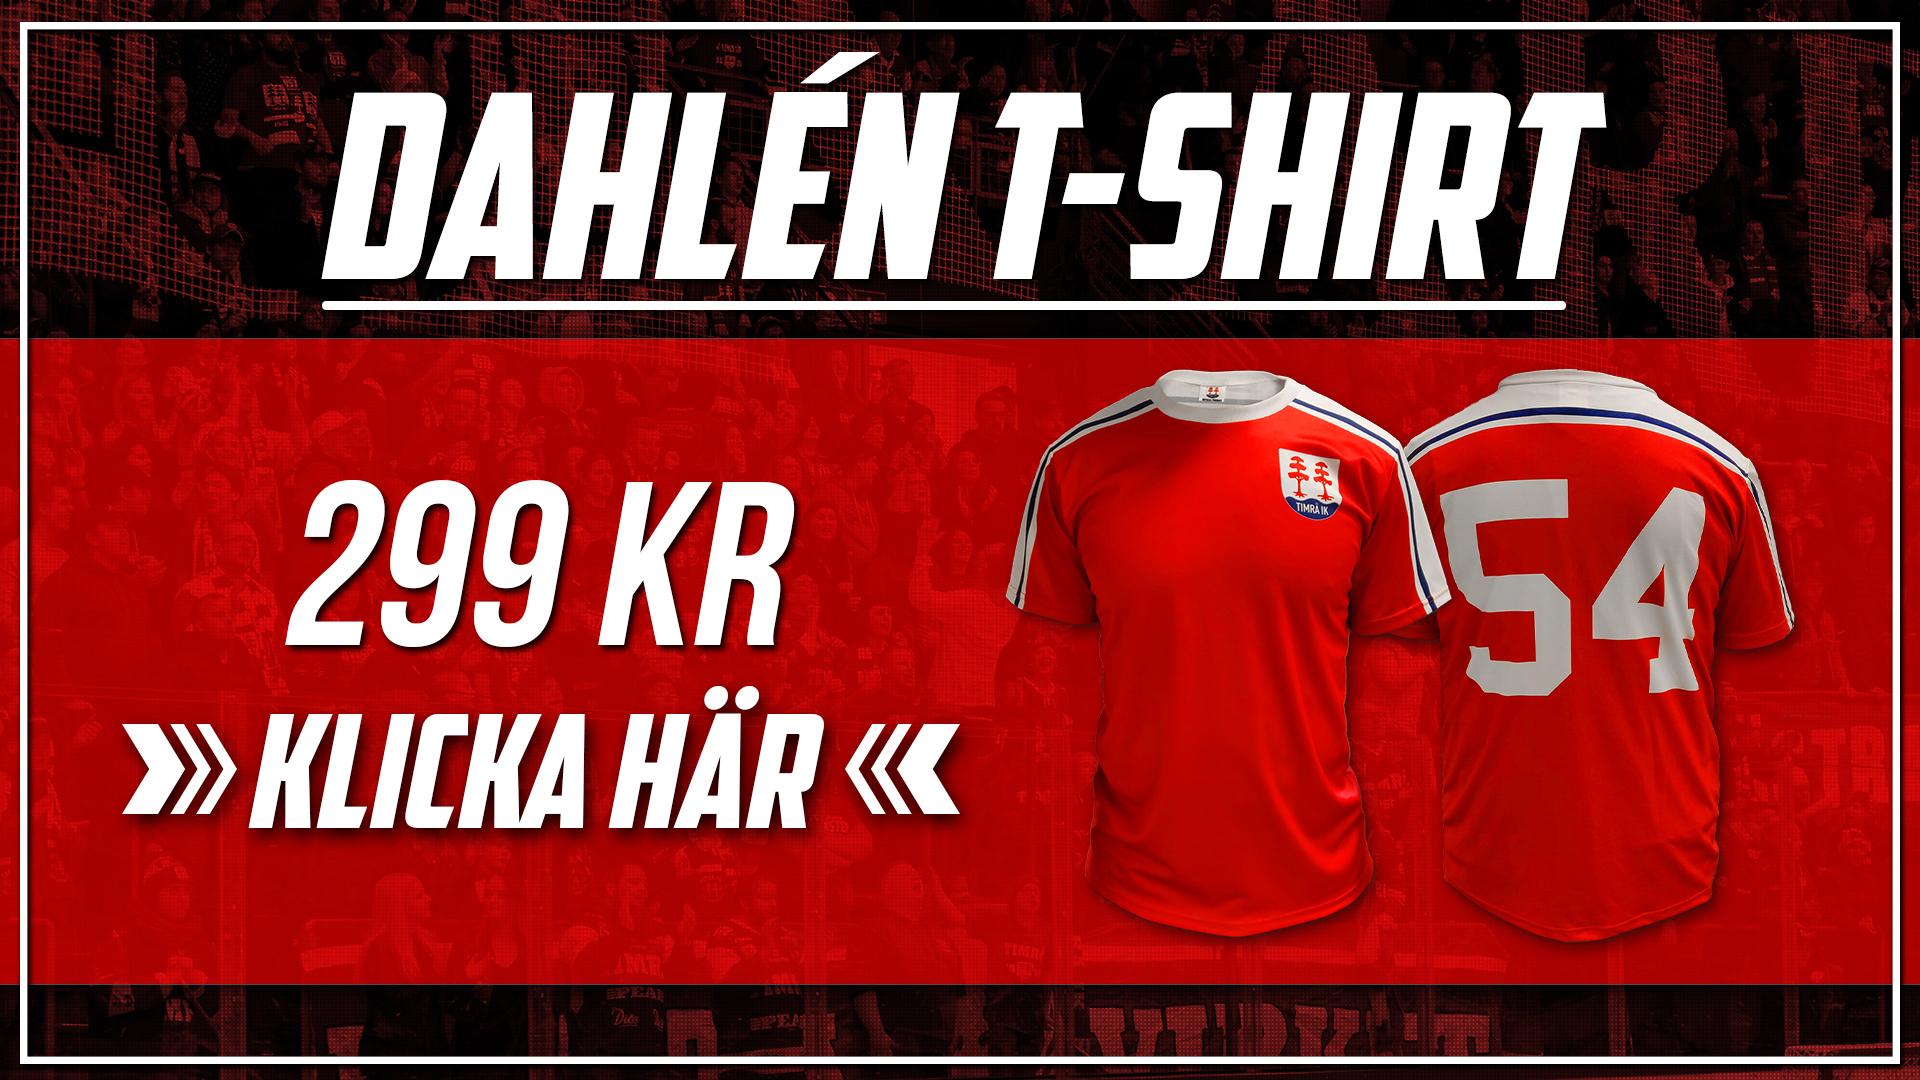 Dahlén T-shirt